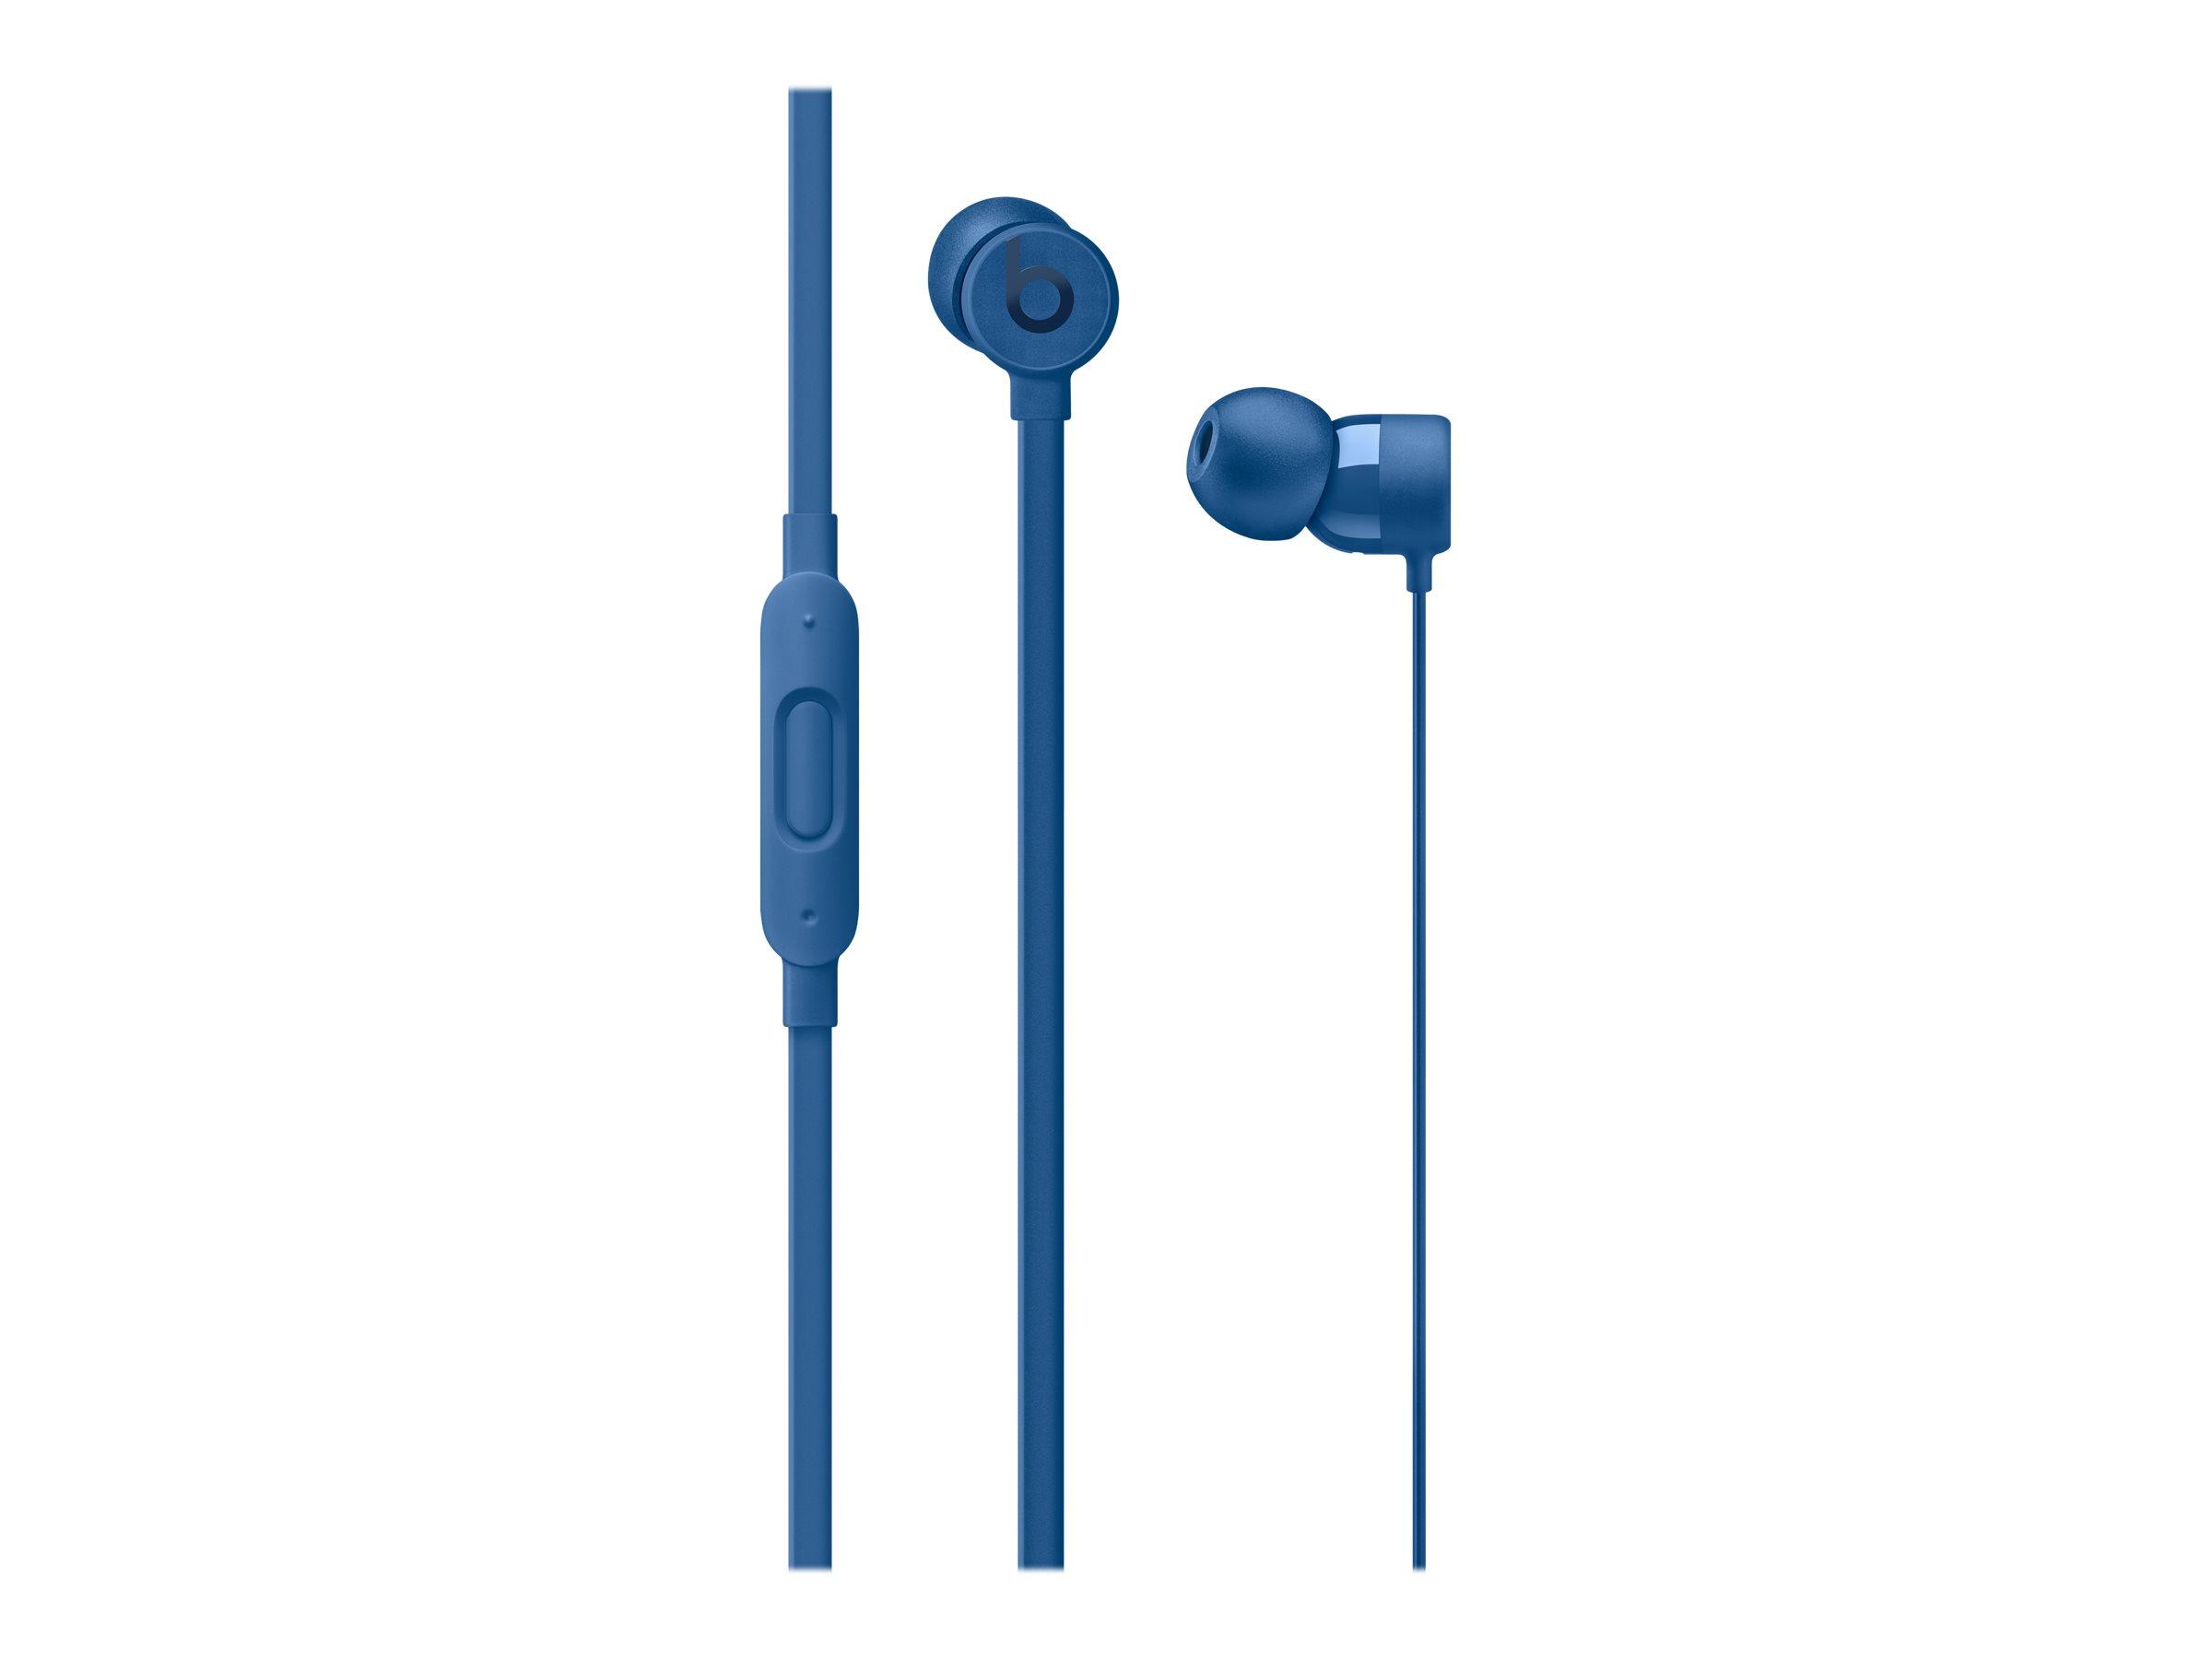 Beats urbeats3 ohrhoerer mit mikrofon im ohr kabelgebunden lightning geraeuschisolierung 10695865 muht2zm a